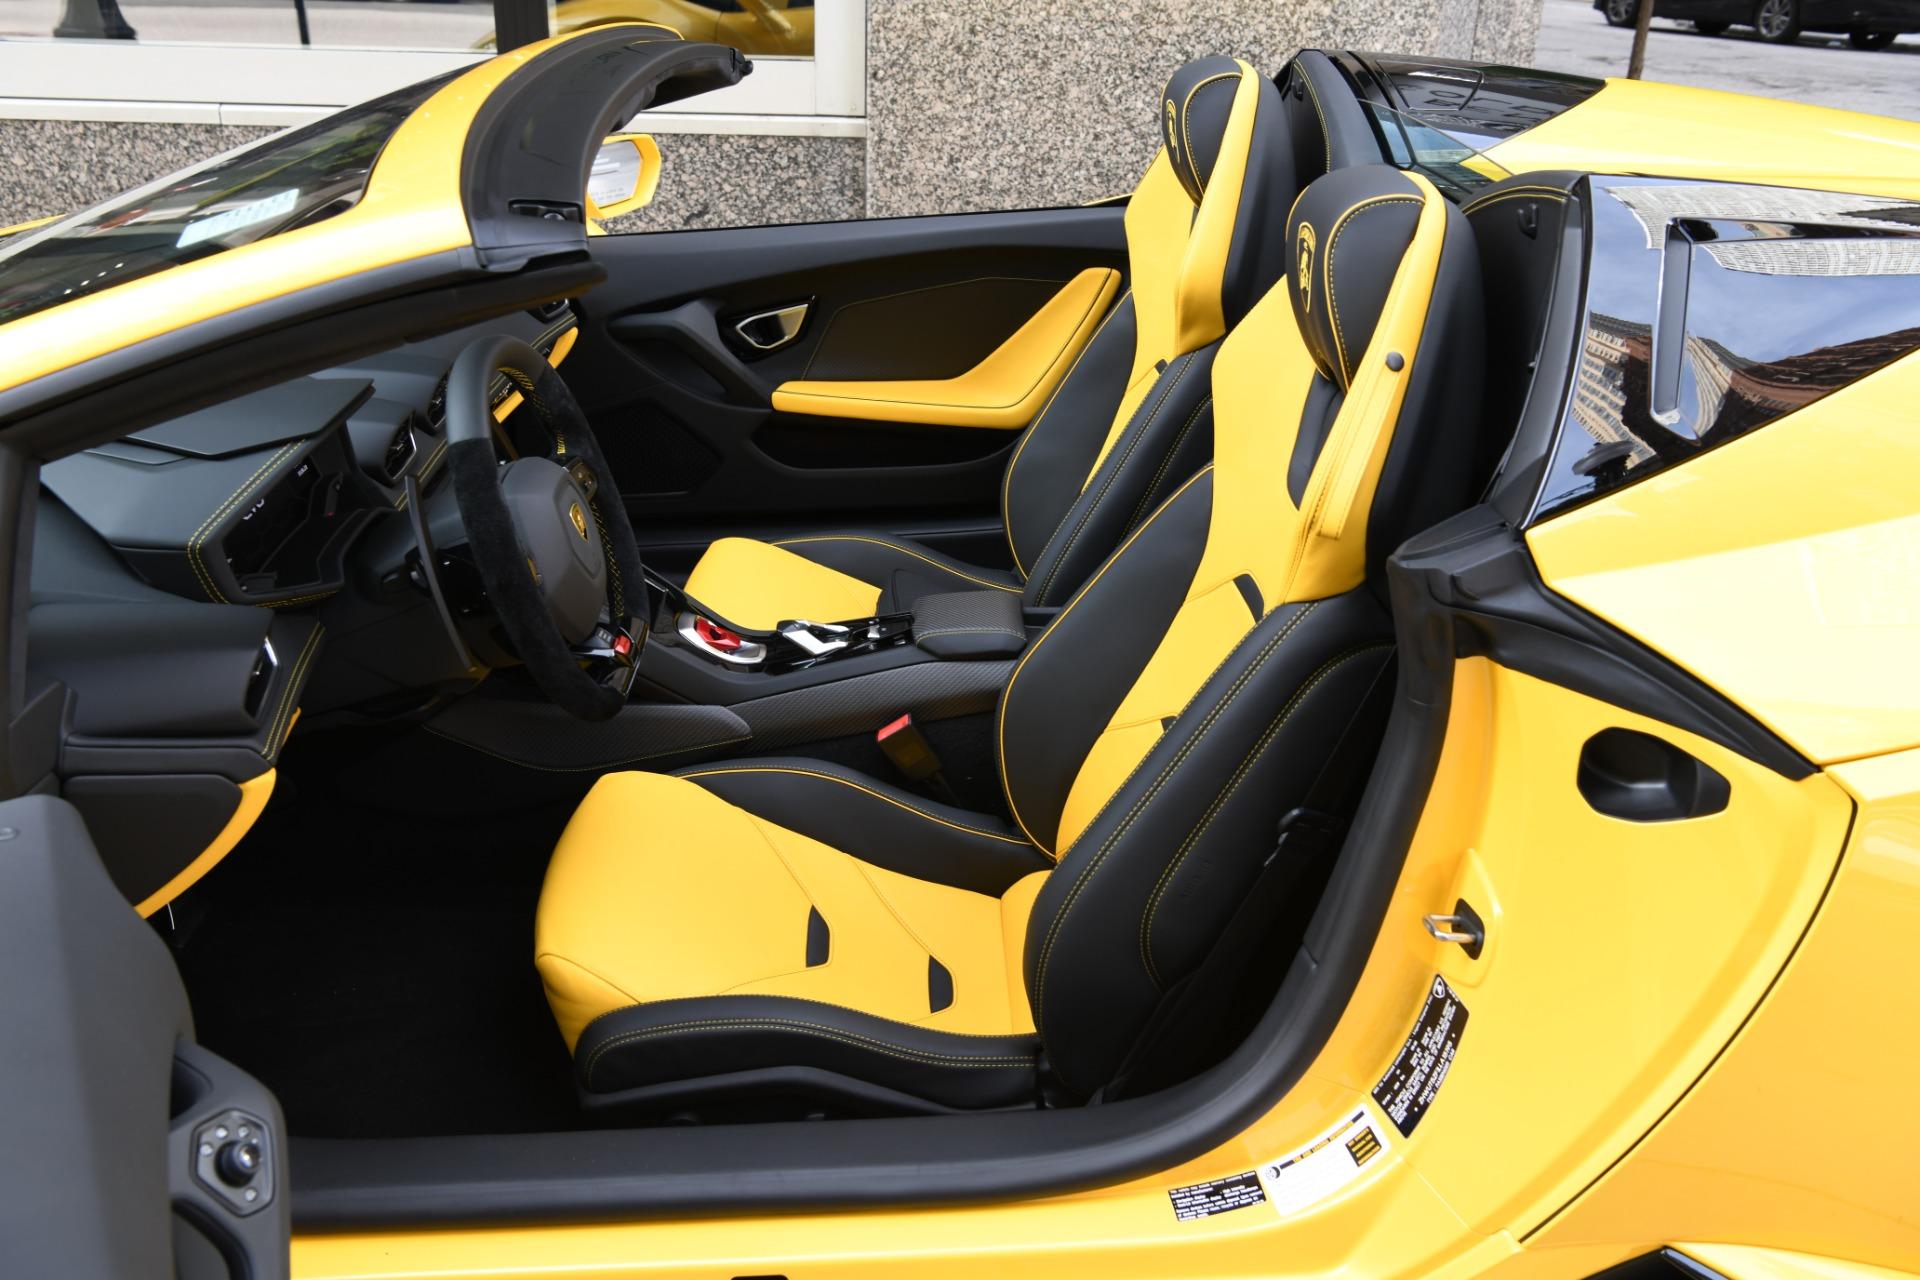 New 2020 Lamborghini Huracan EVO Spyder LP 610-4 EVO Spyder | Chicago, IL